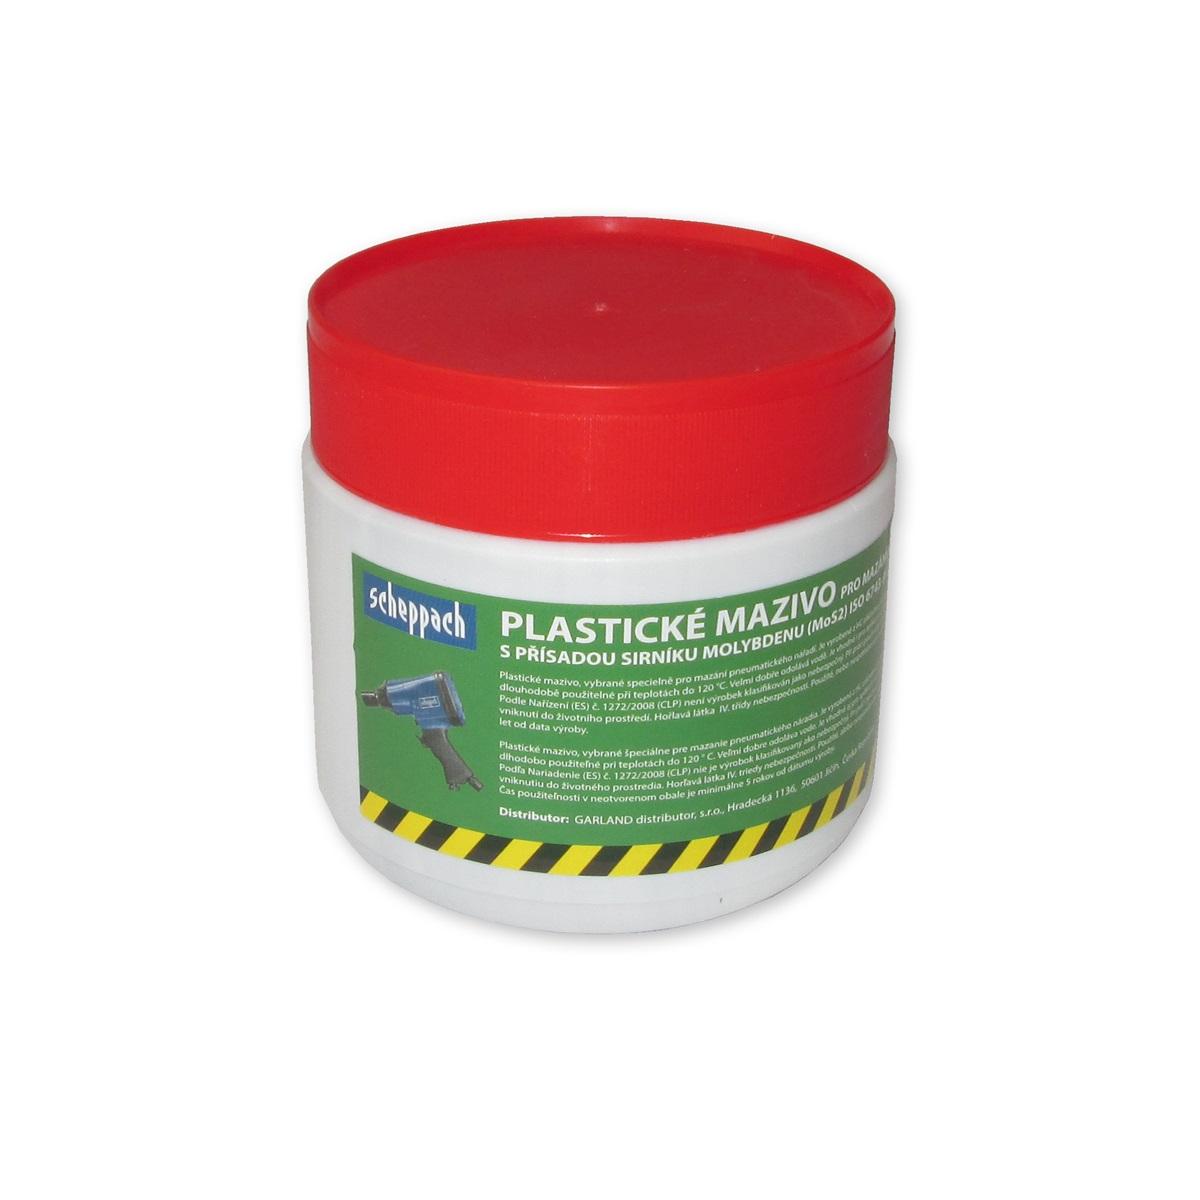 Scheppach Vysokoteplotné a vysokotlakové plastické mazivo pre pneumatické náradie